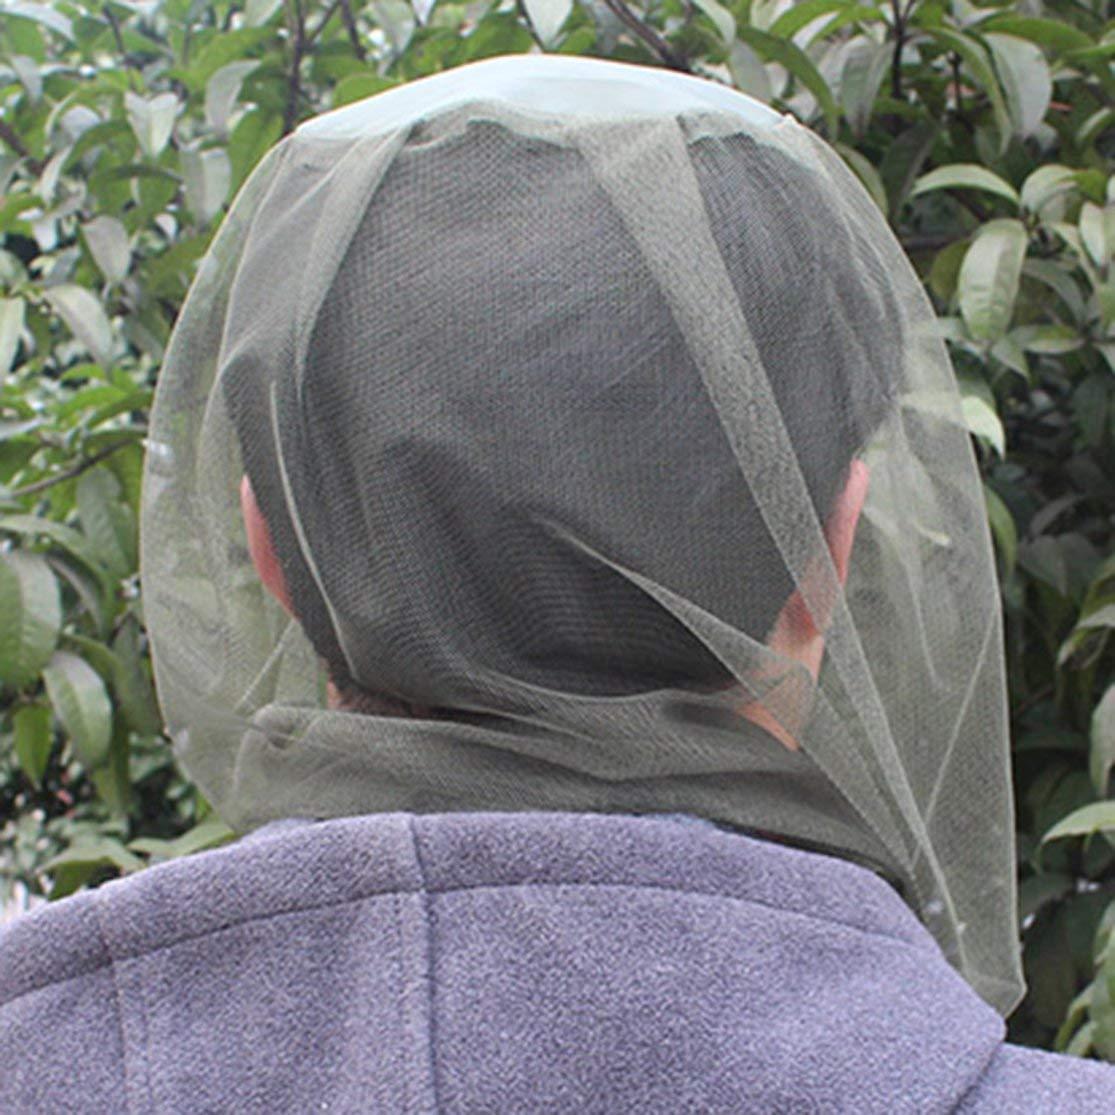 LouiseEvel215 Anti Mosquito Head Face Net Malla Cubierta Mantener a los Insectos Fuera de Insecto Bee Fly Mask Cap Protector de Cara para la Pesca jardiner/ía Camping